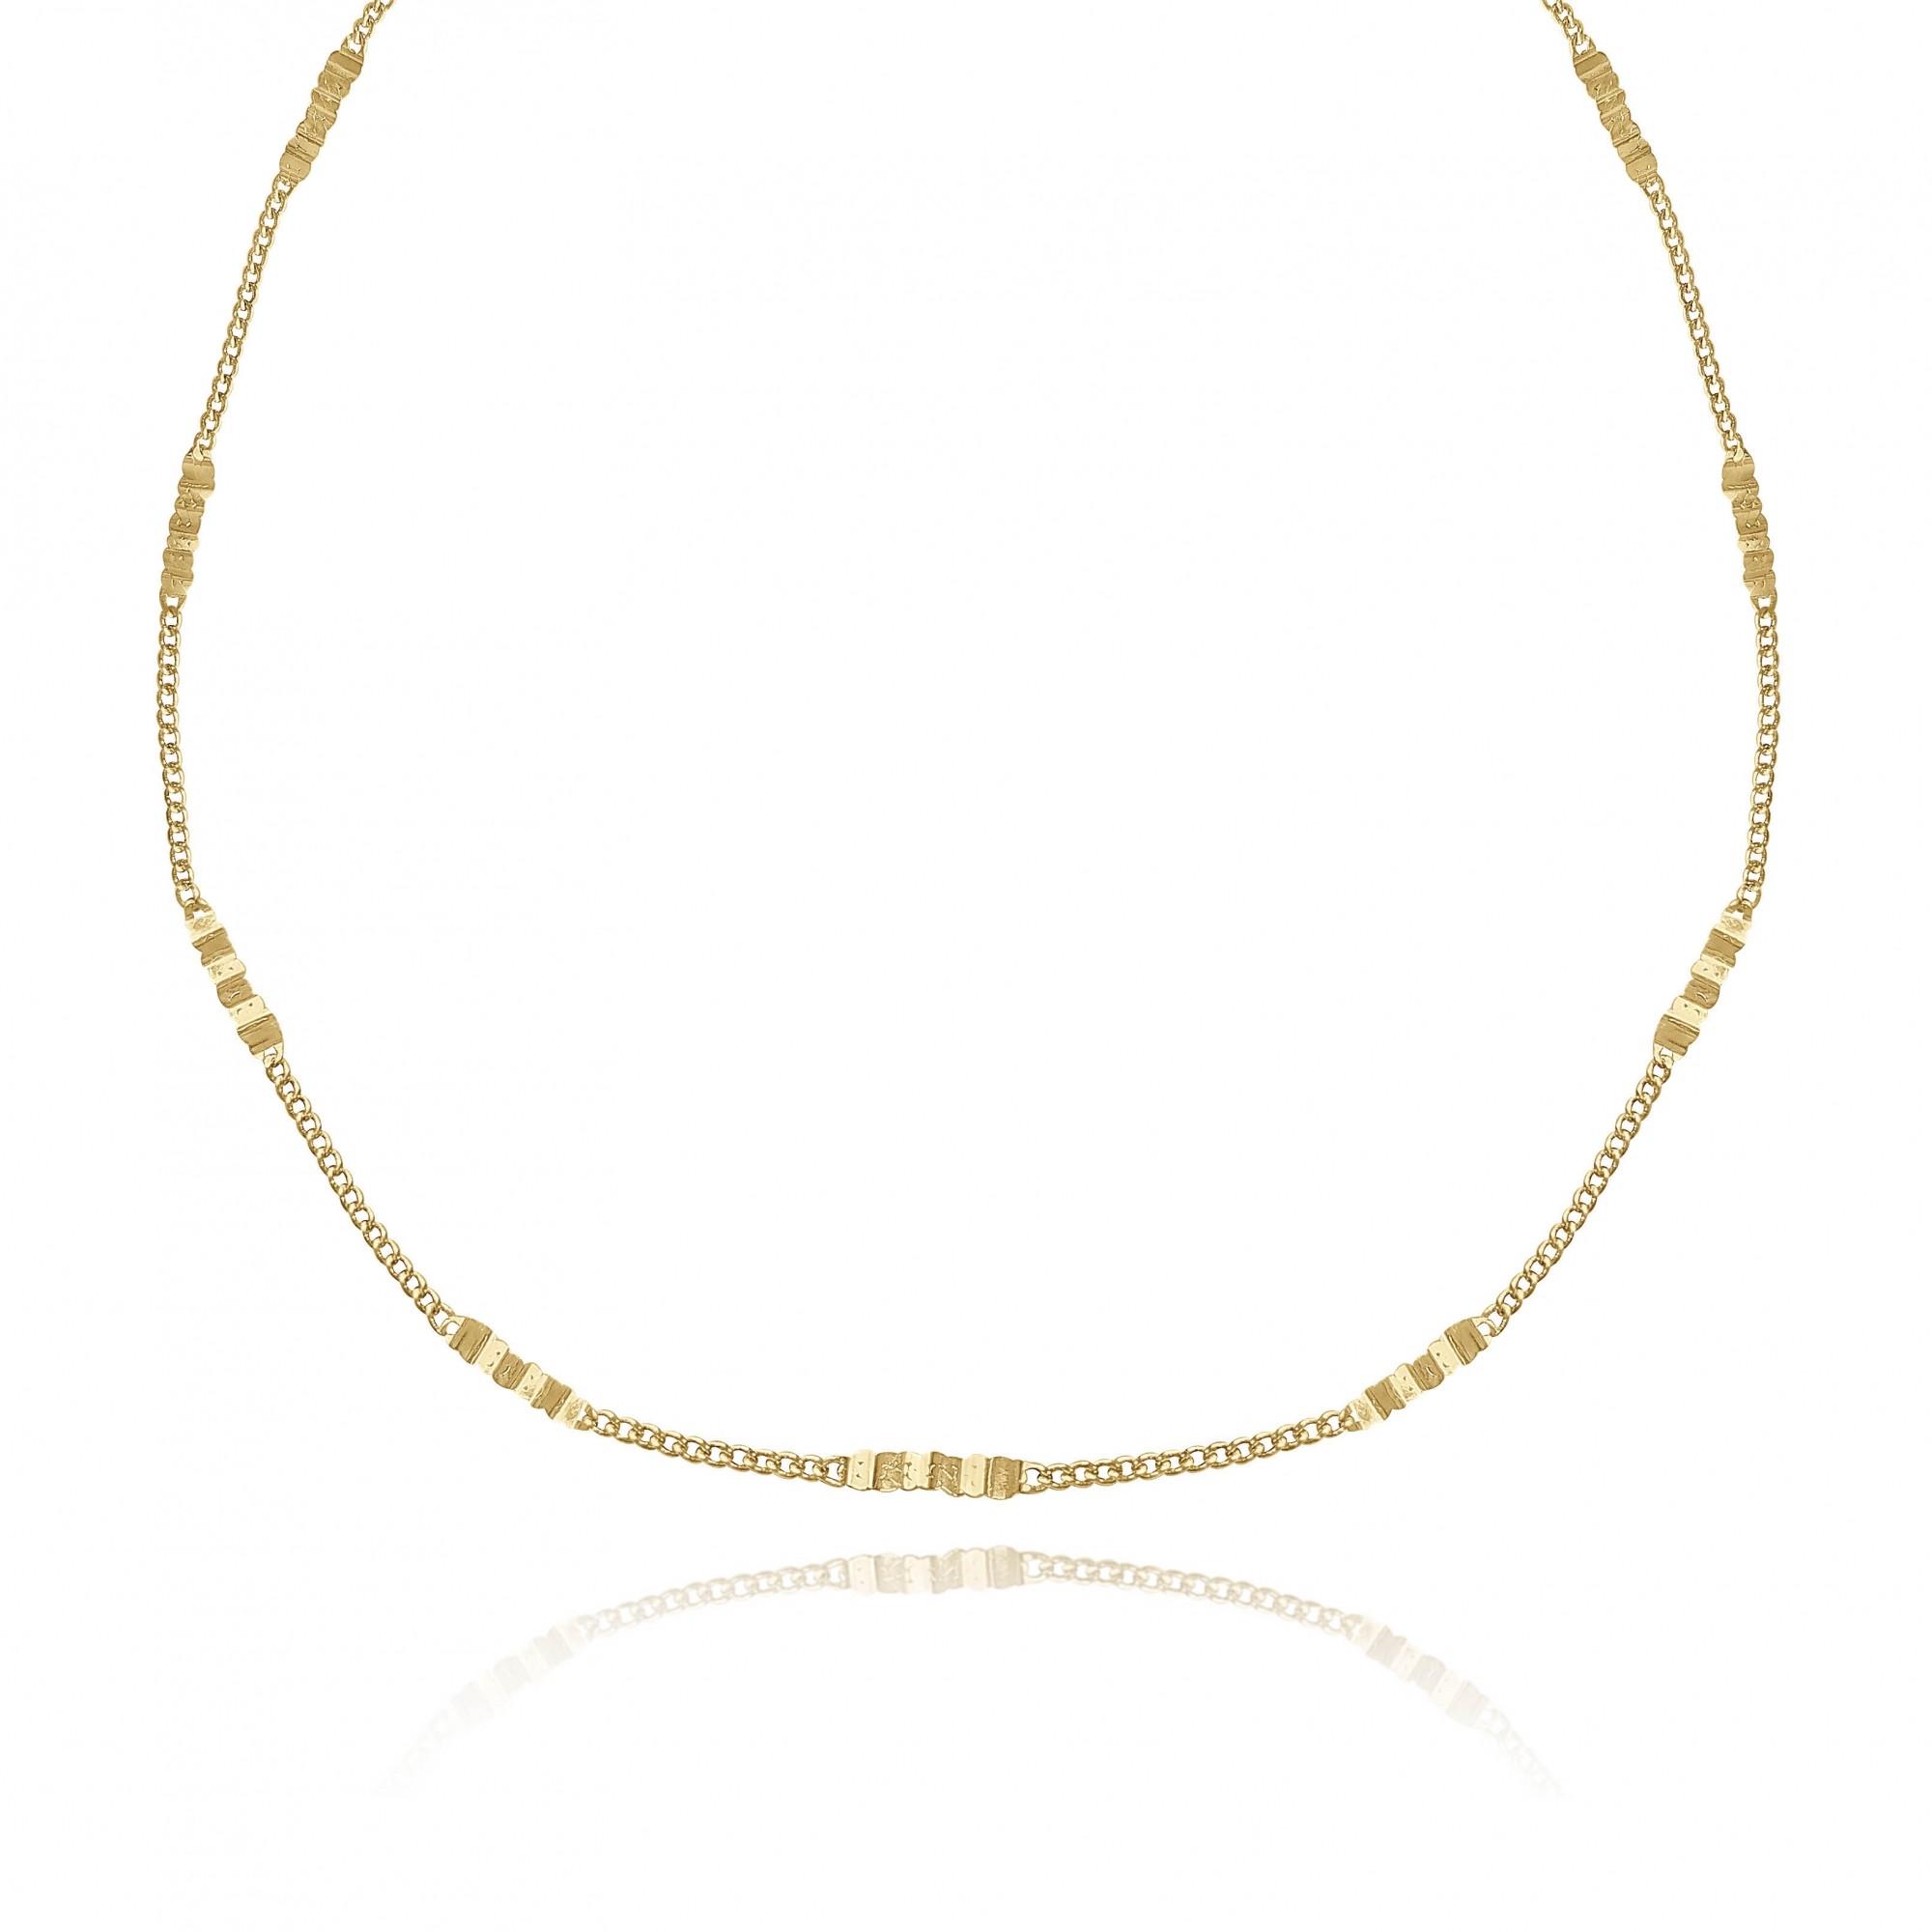 Colar Corrente Mista Elos Cadeados 60 cm Folheado a Ouro 18k  - Lunozê Joias